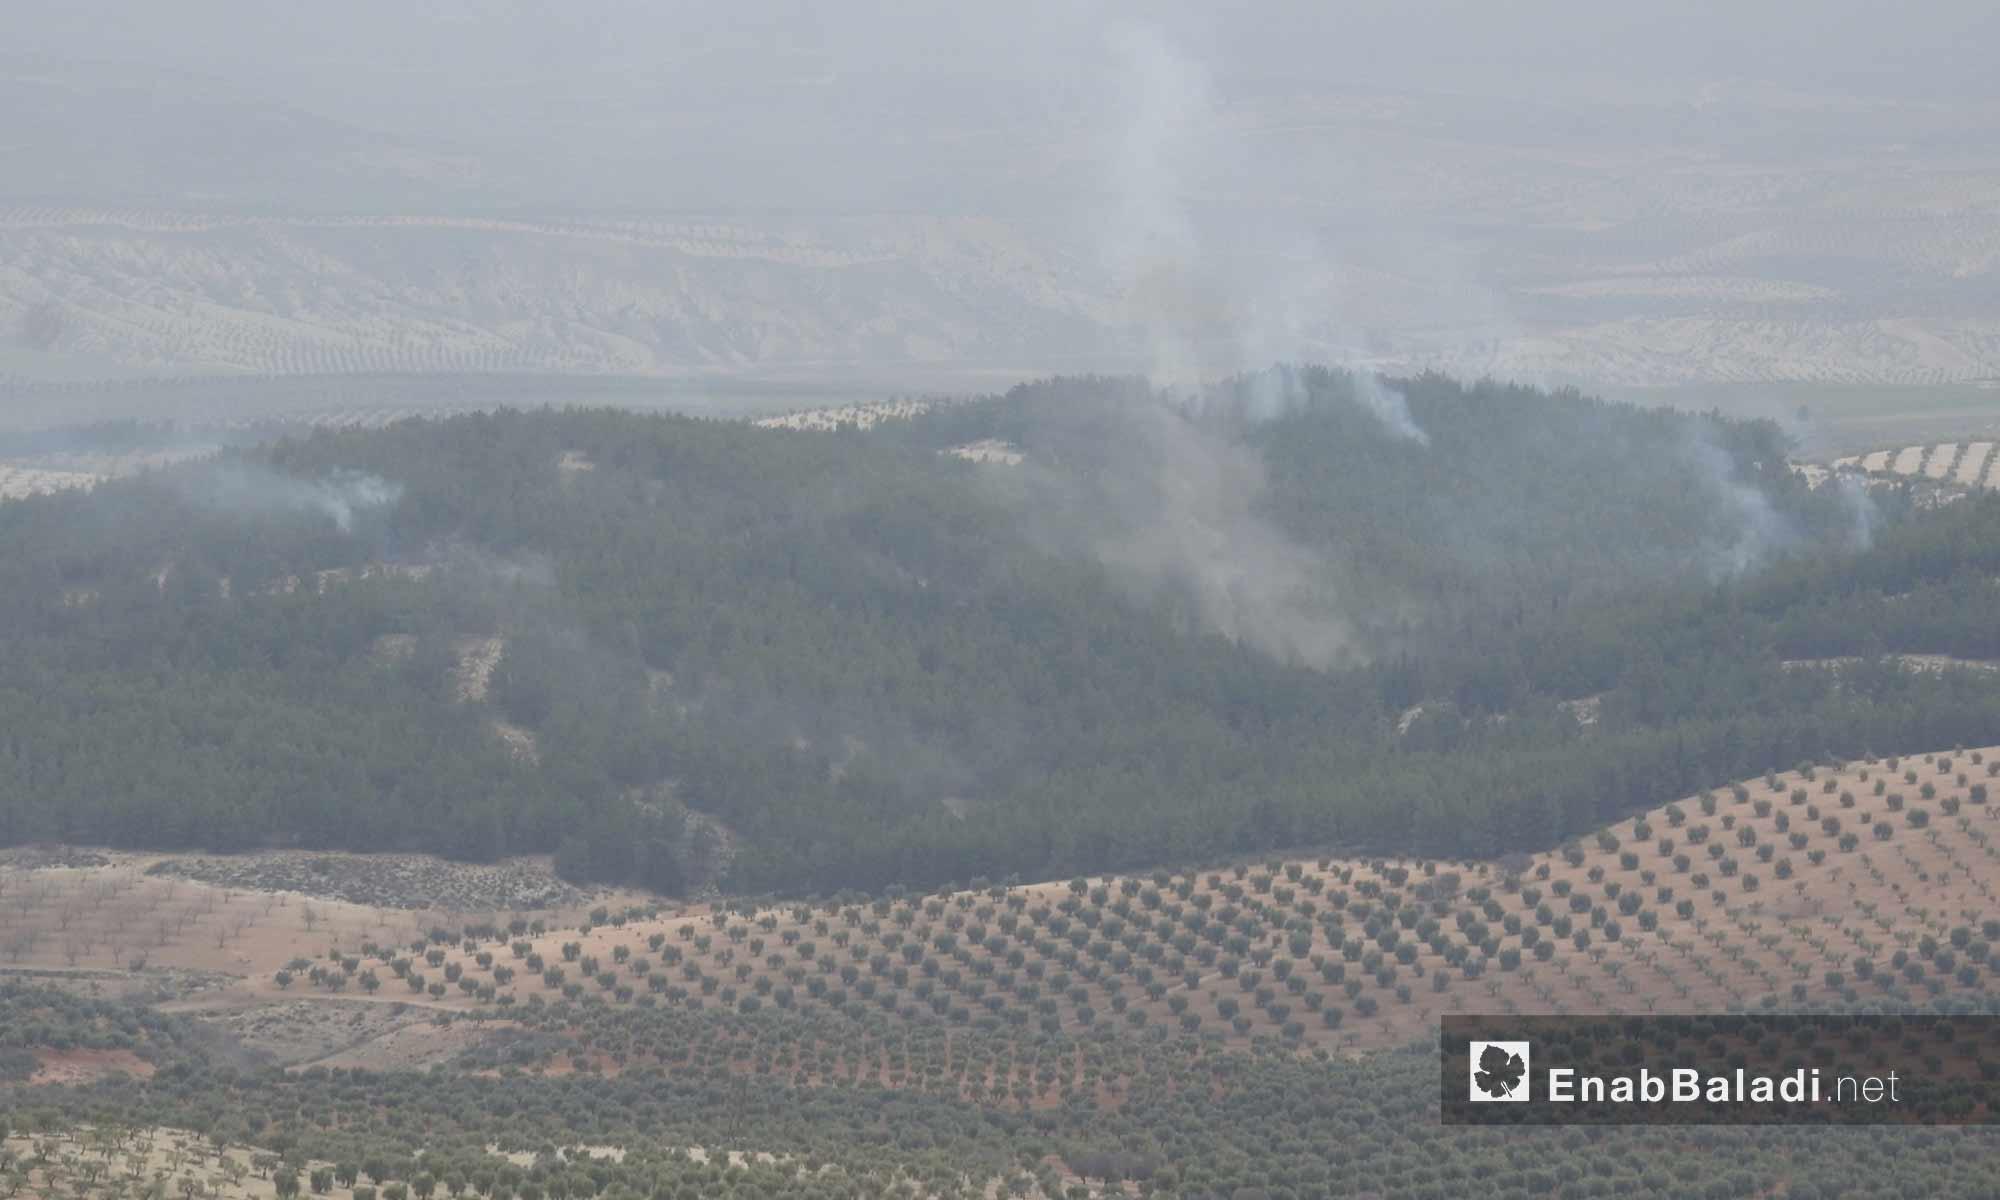 الجيش التركي يستهدف مواقع وحدات حماية الشعب الكردية على محور شران بريف مدينة عفرين - 11 شباط 2018 (عنب بلدي)